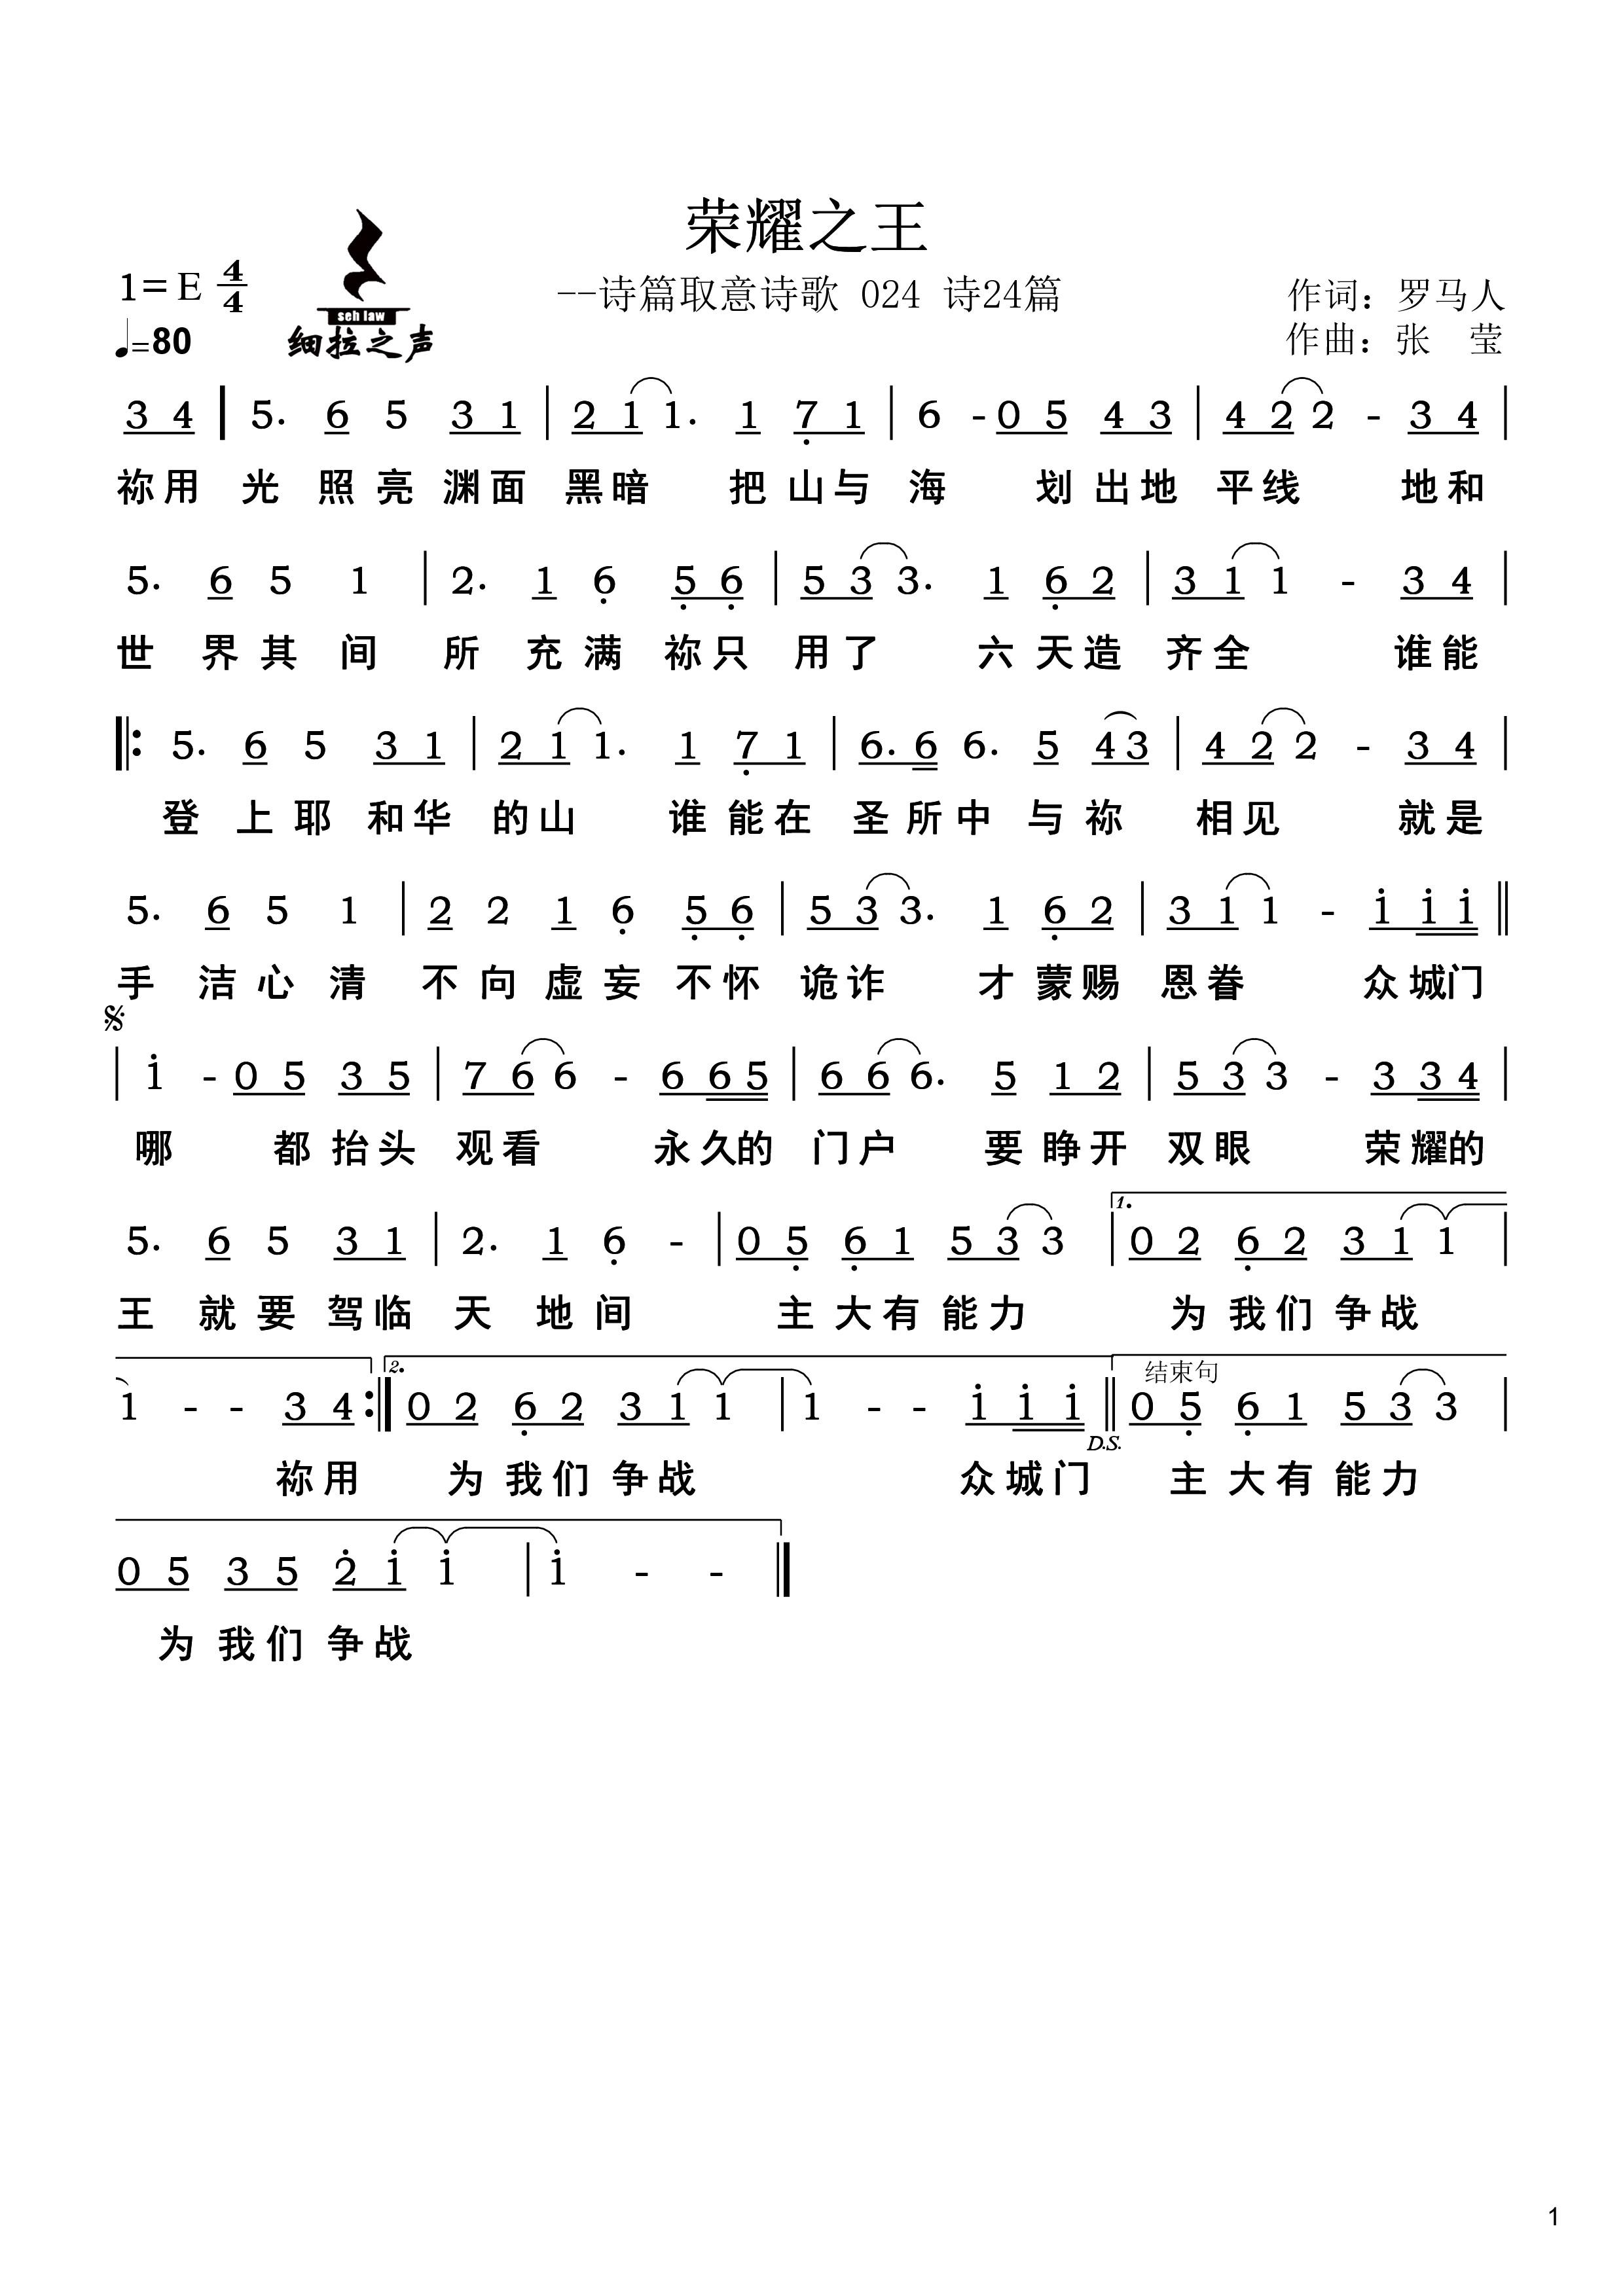 《荣耀之王 官方简谱》